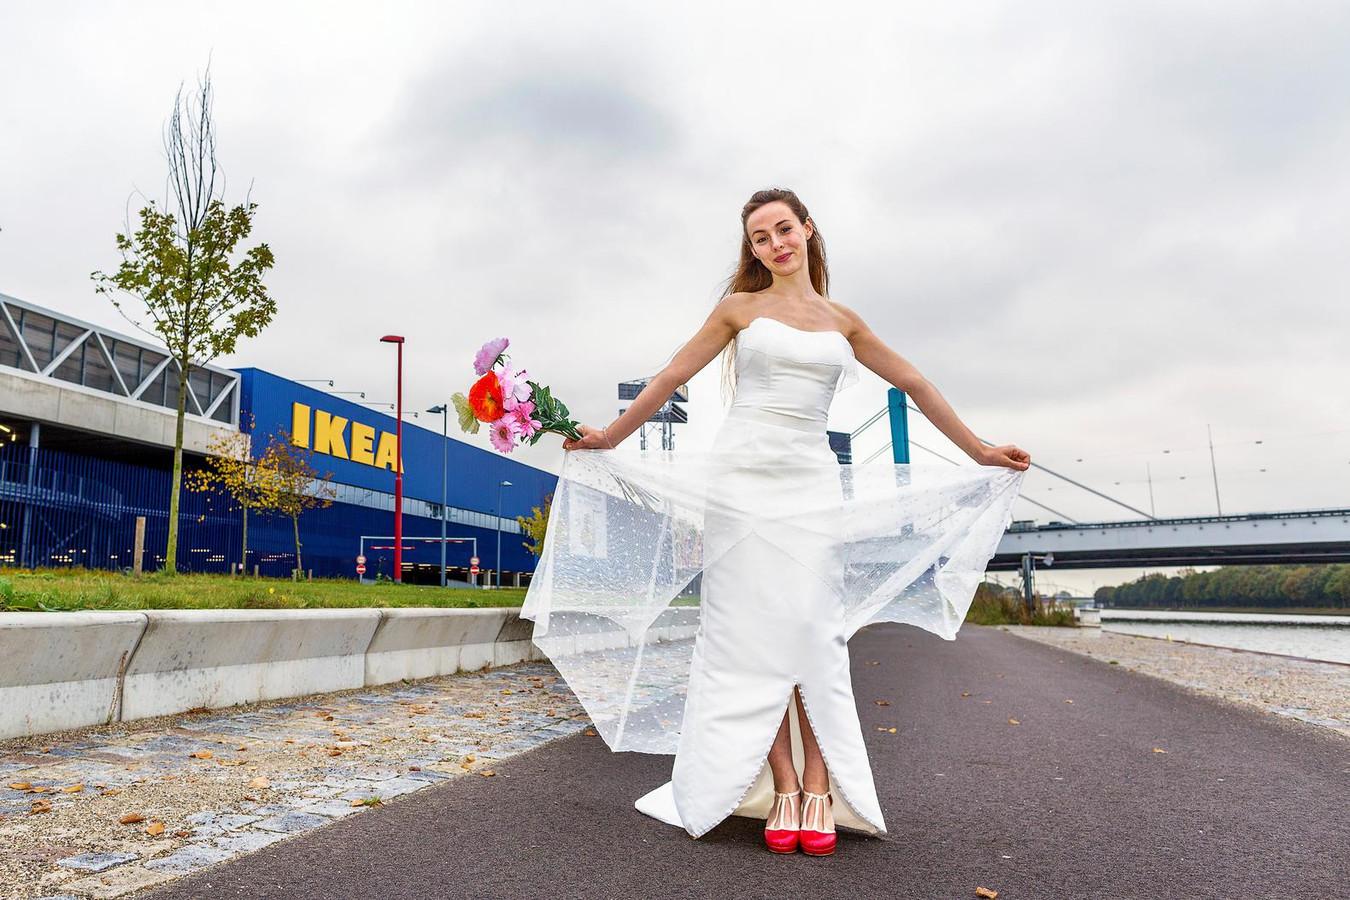 Favoriete Hoezo dure trouwjurk? Utrechtse maakte haar eigen jurk van IKEA  @AG98